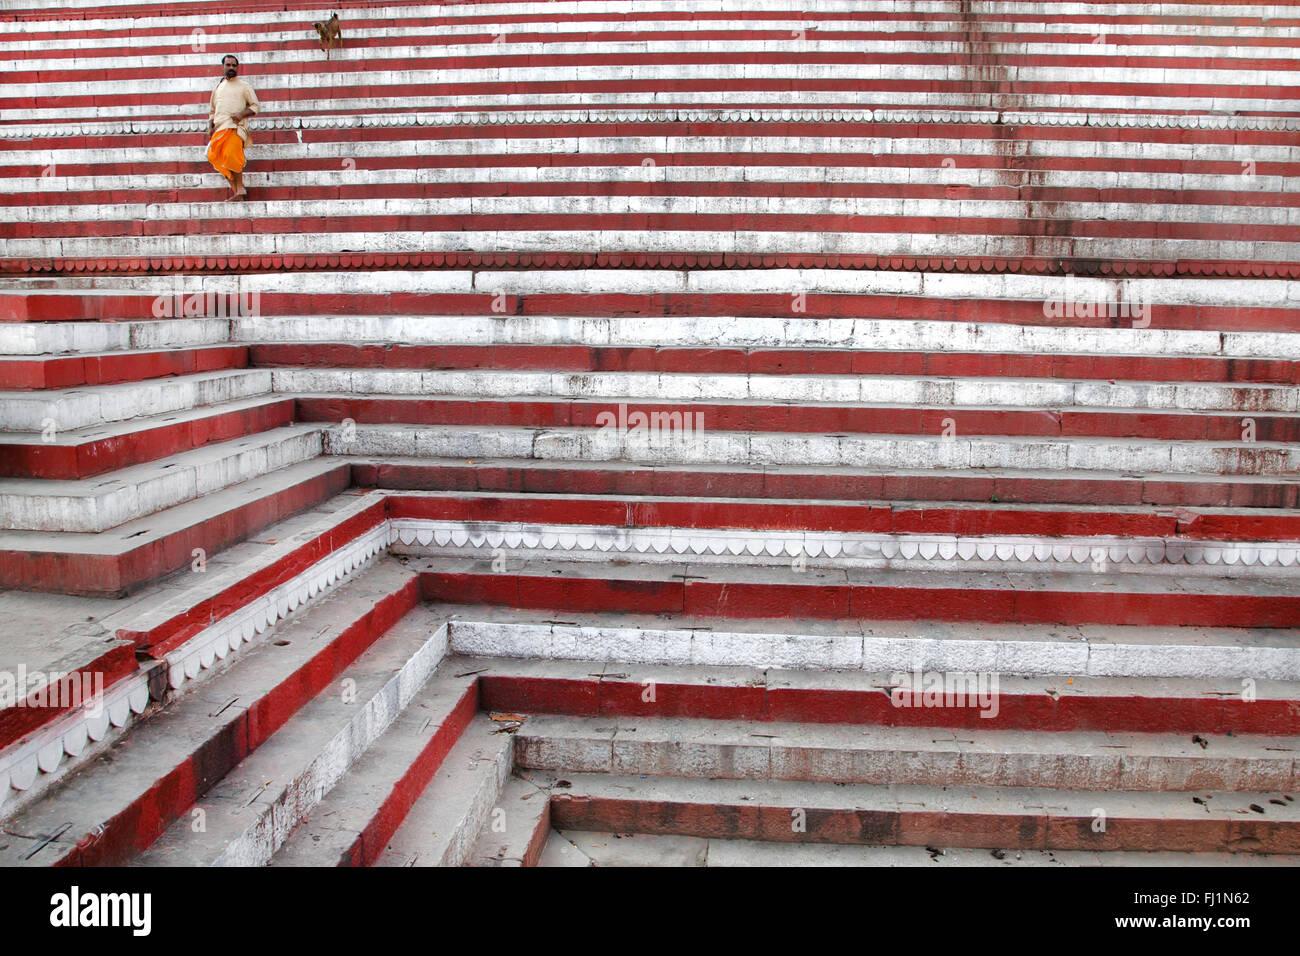 L'uomo cammina da sola con il cane sui gradini di Kedar ghat Varanasi , India Foto Stock